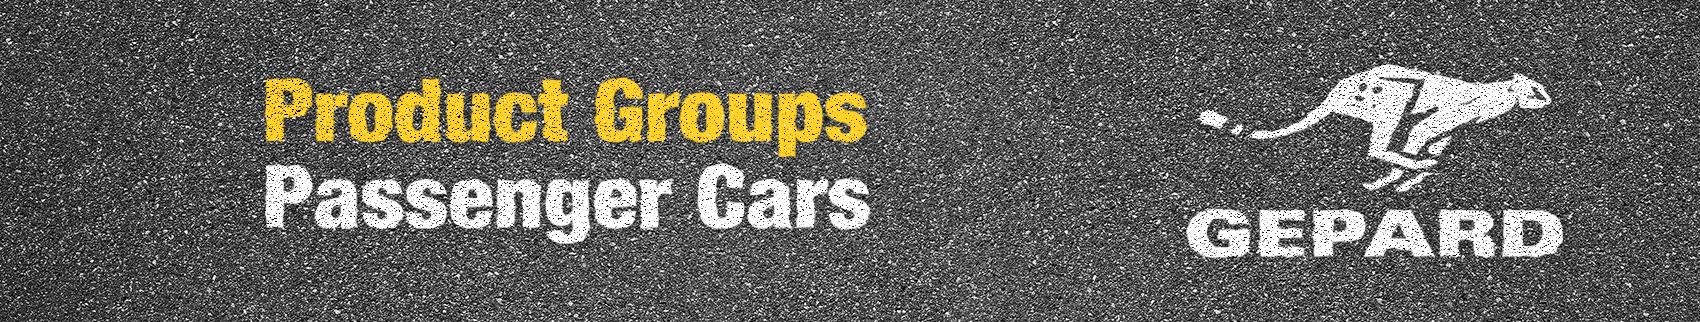 Productgroups